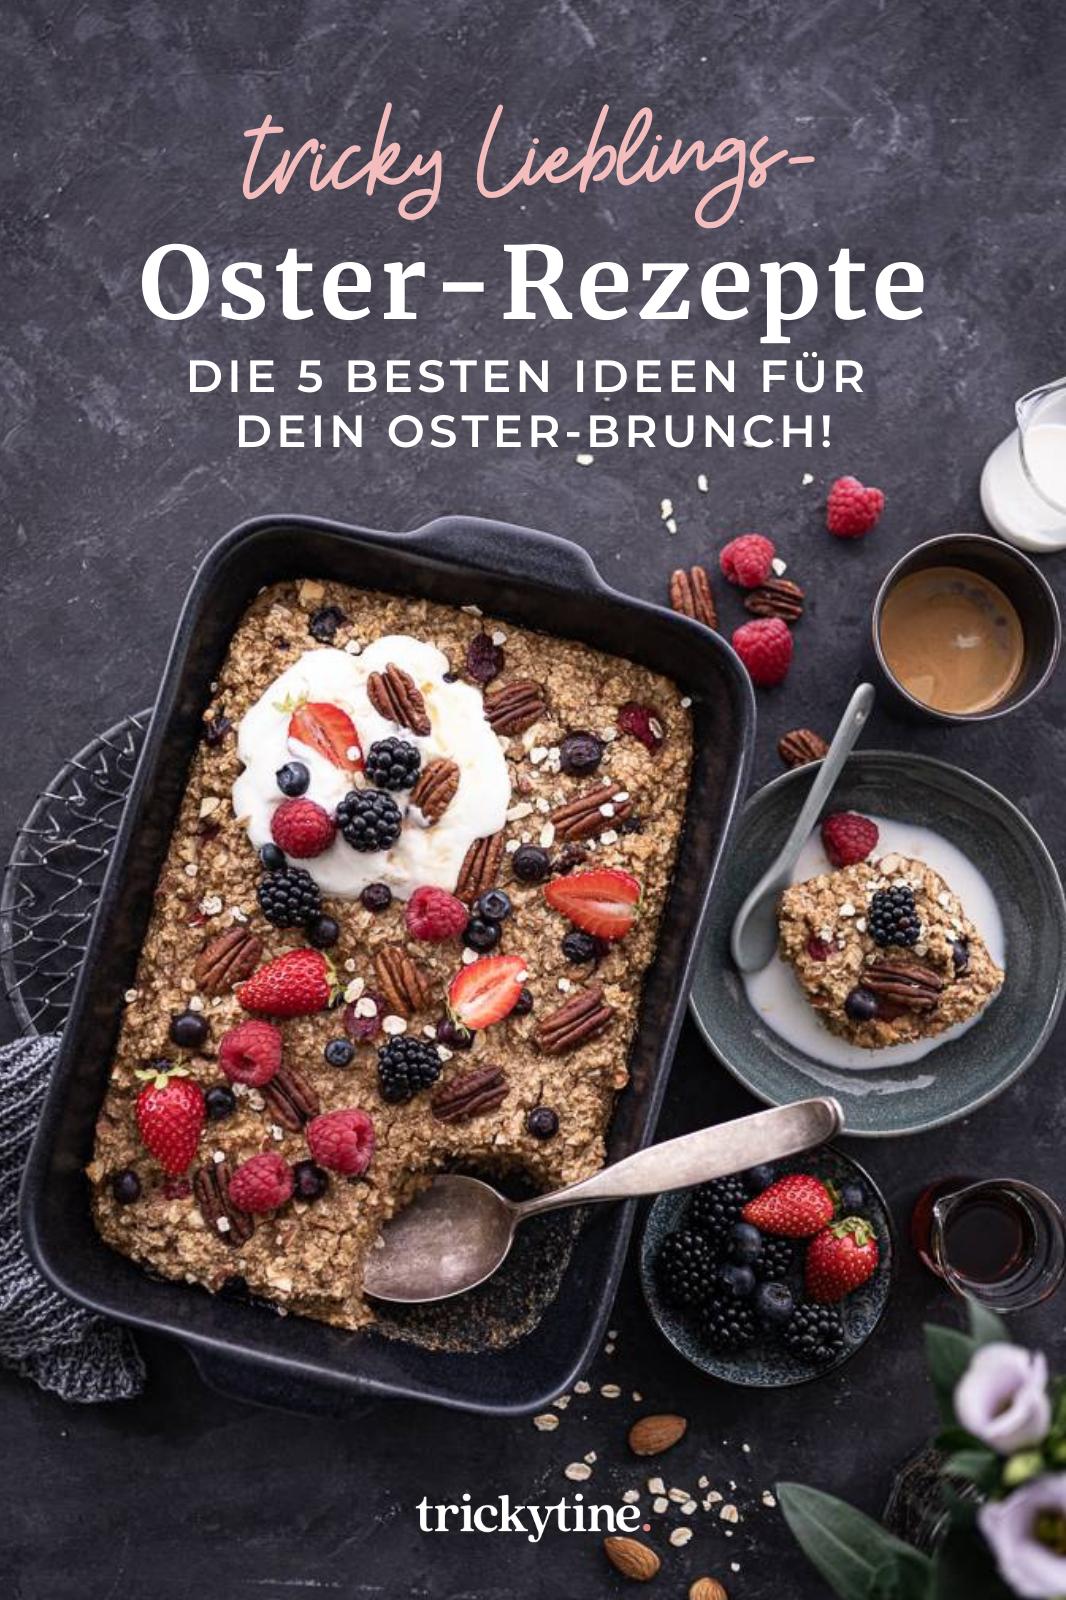 Die 5 leckersten Oster-Rezepte für dein fantastisches Oster-Brunch! - trickytine